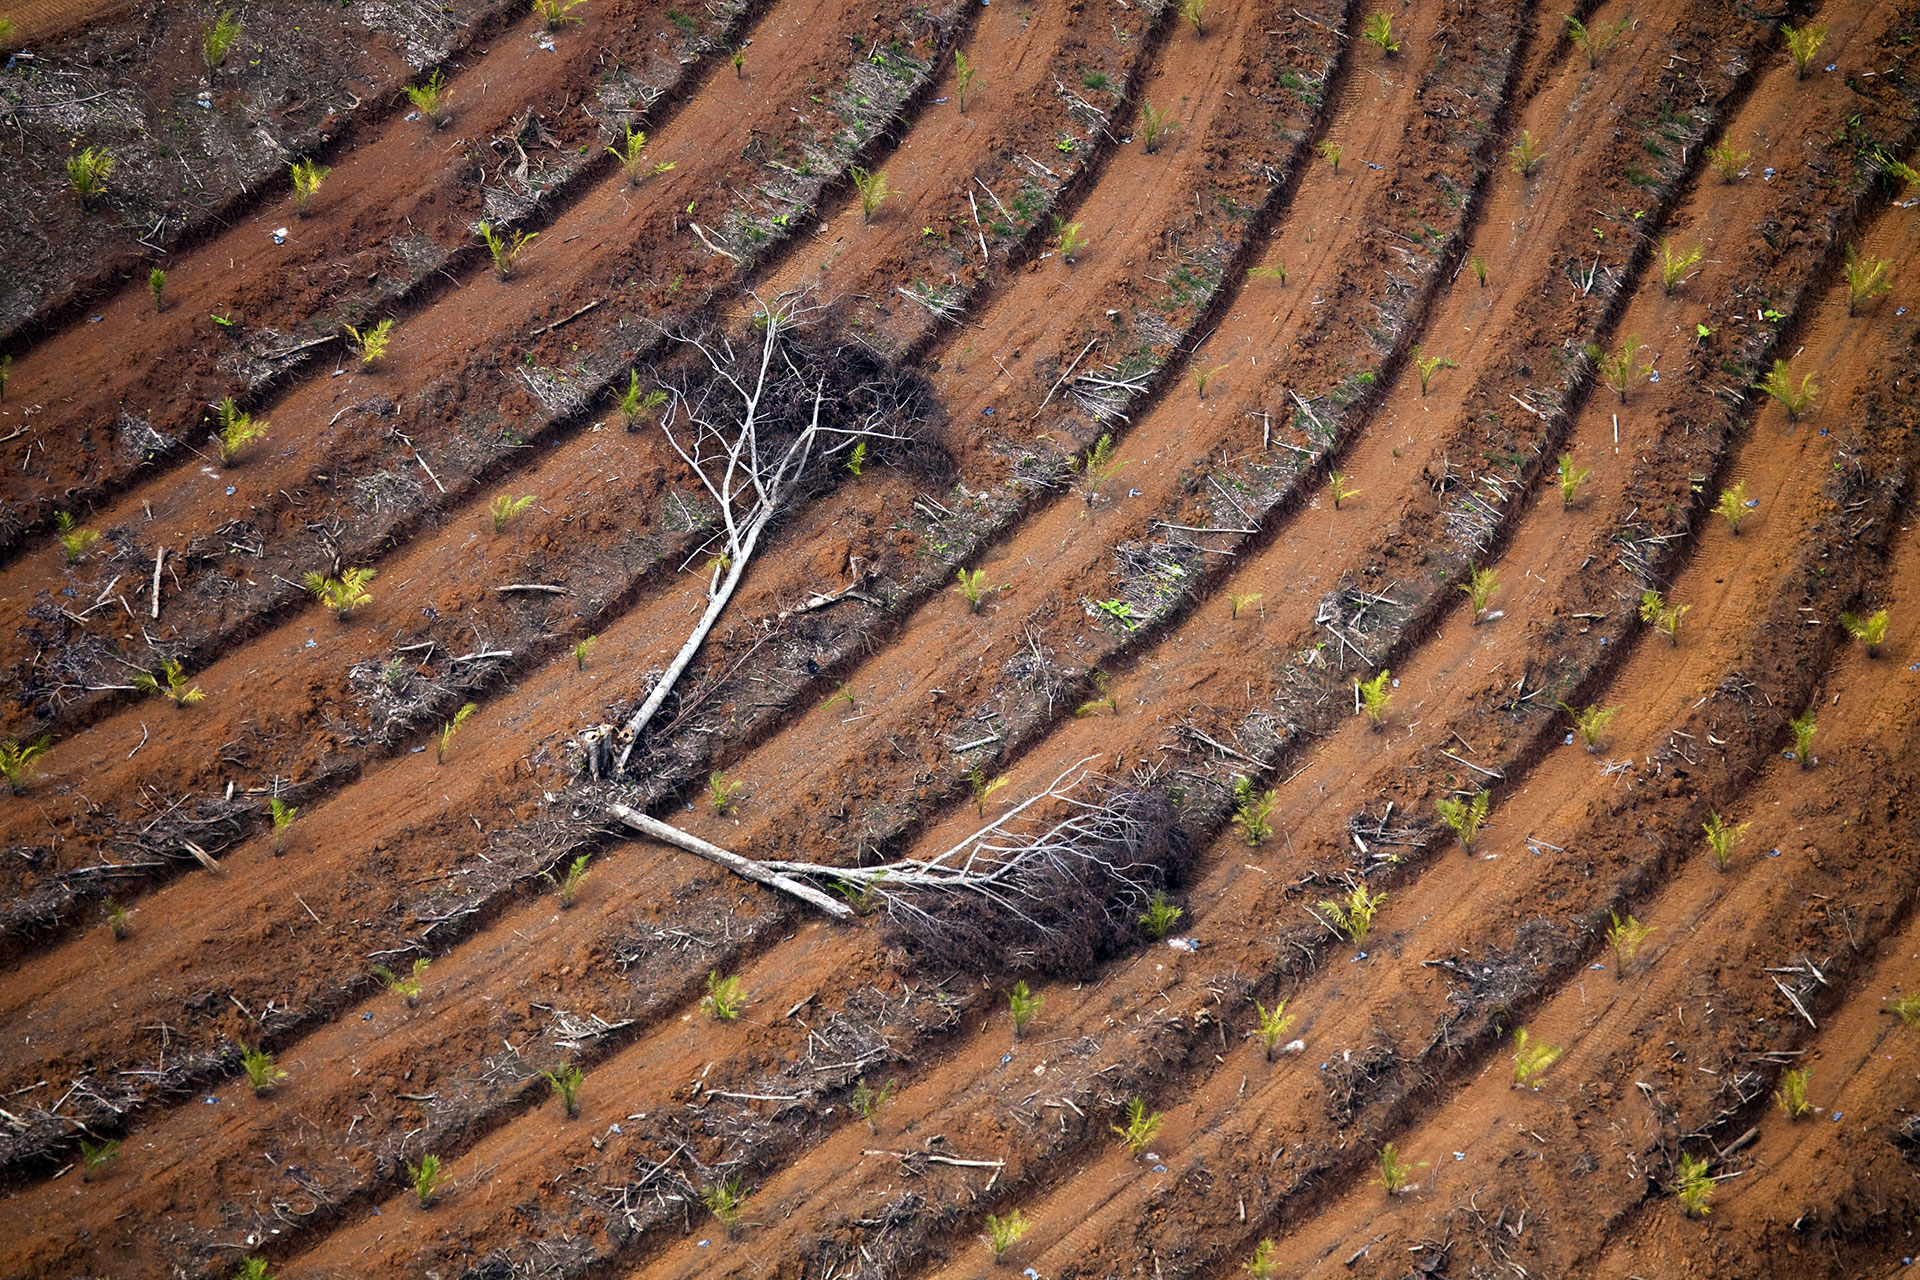 Oil Palm Plantation in Borneo © Daniel Beltrá / Greenpeace